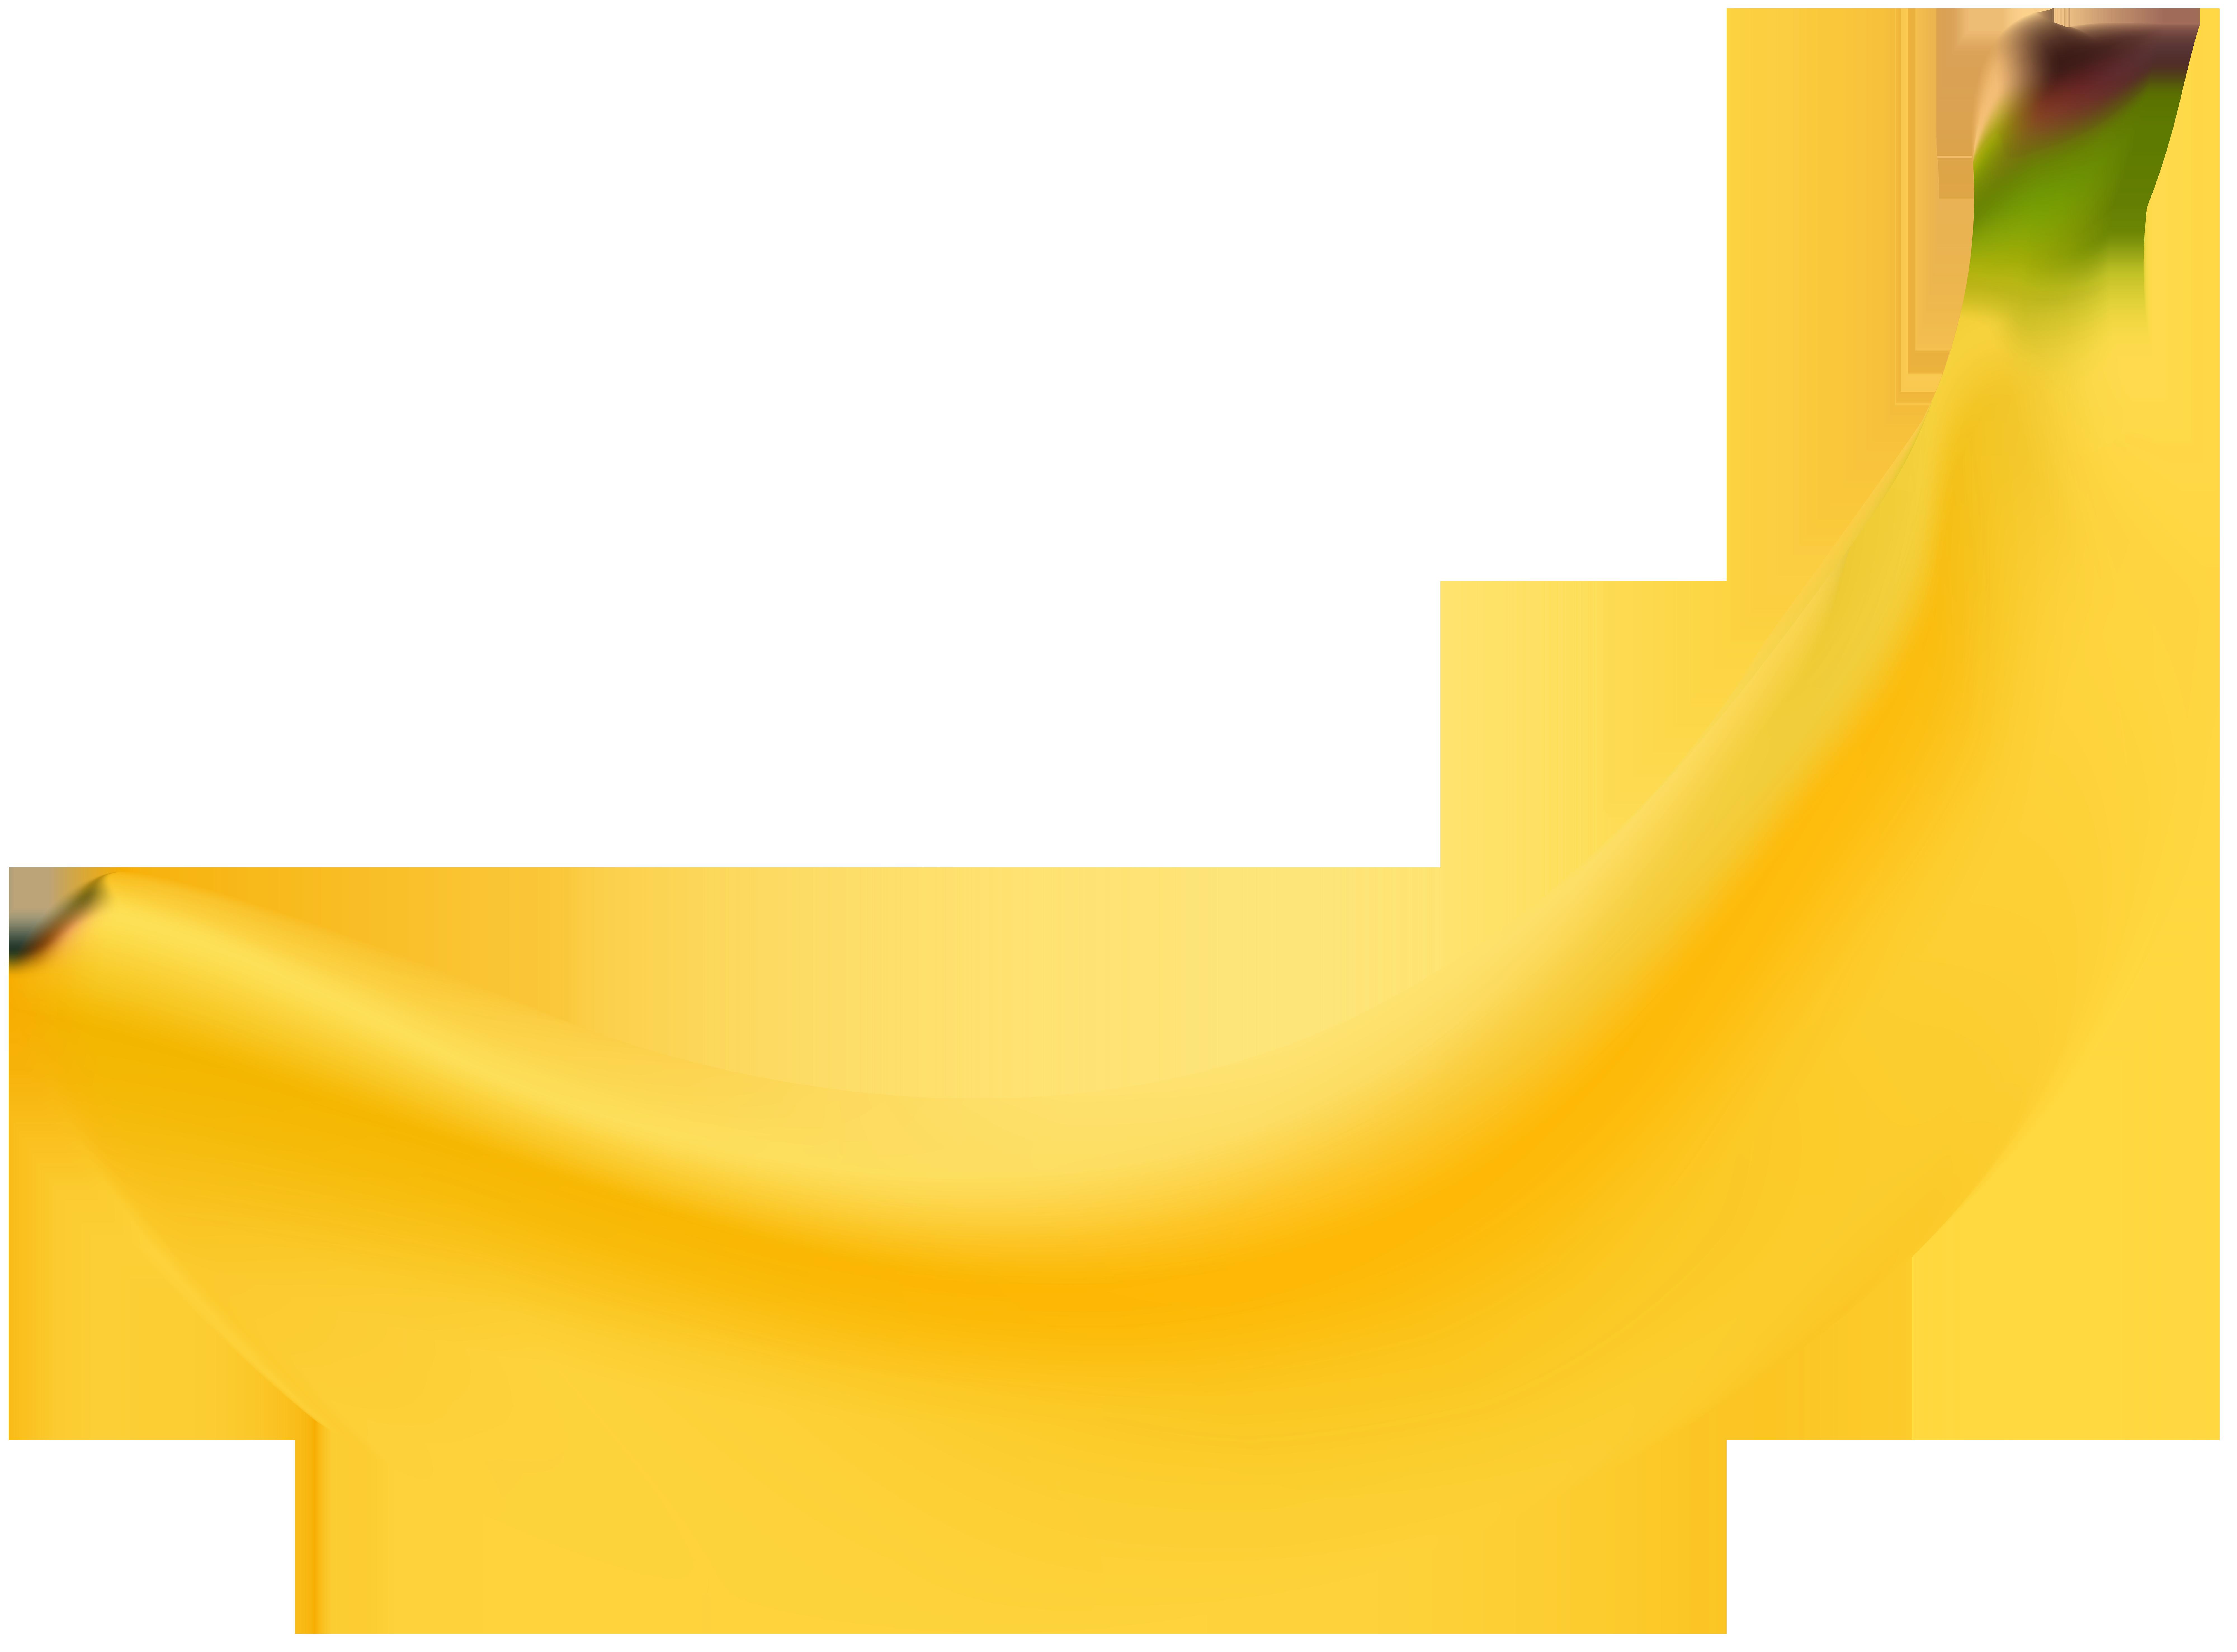 Banana Transparent Clip Art Image.